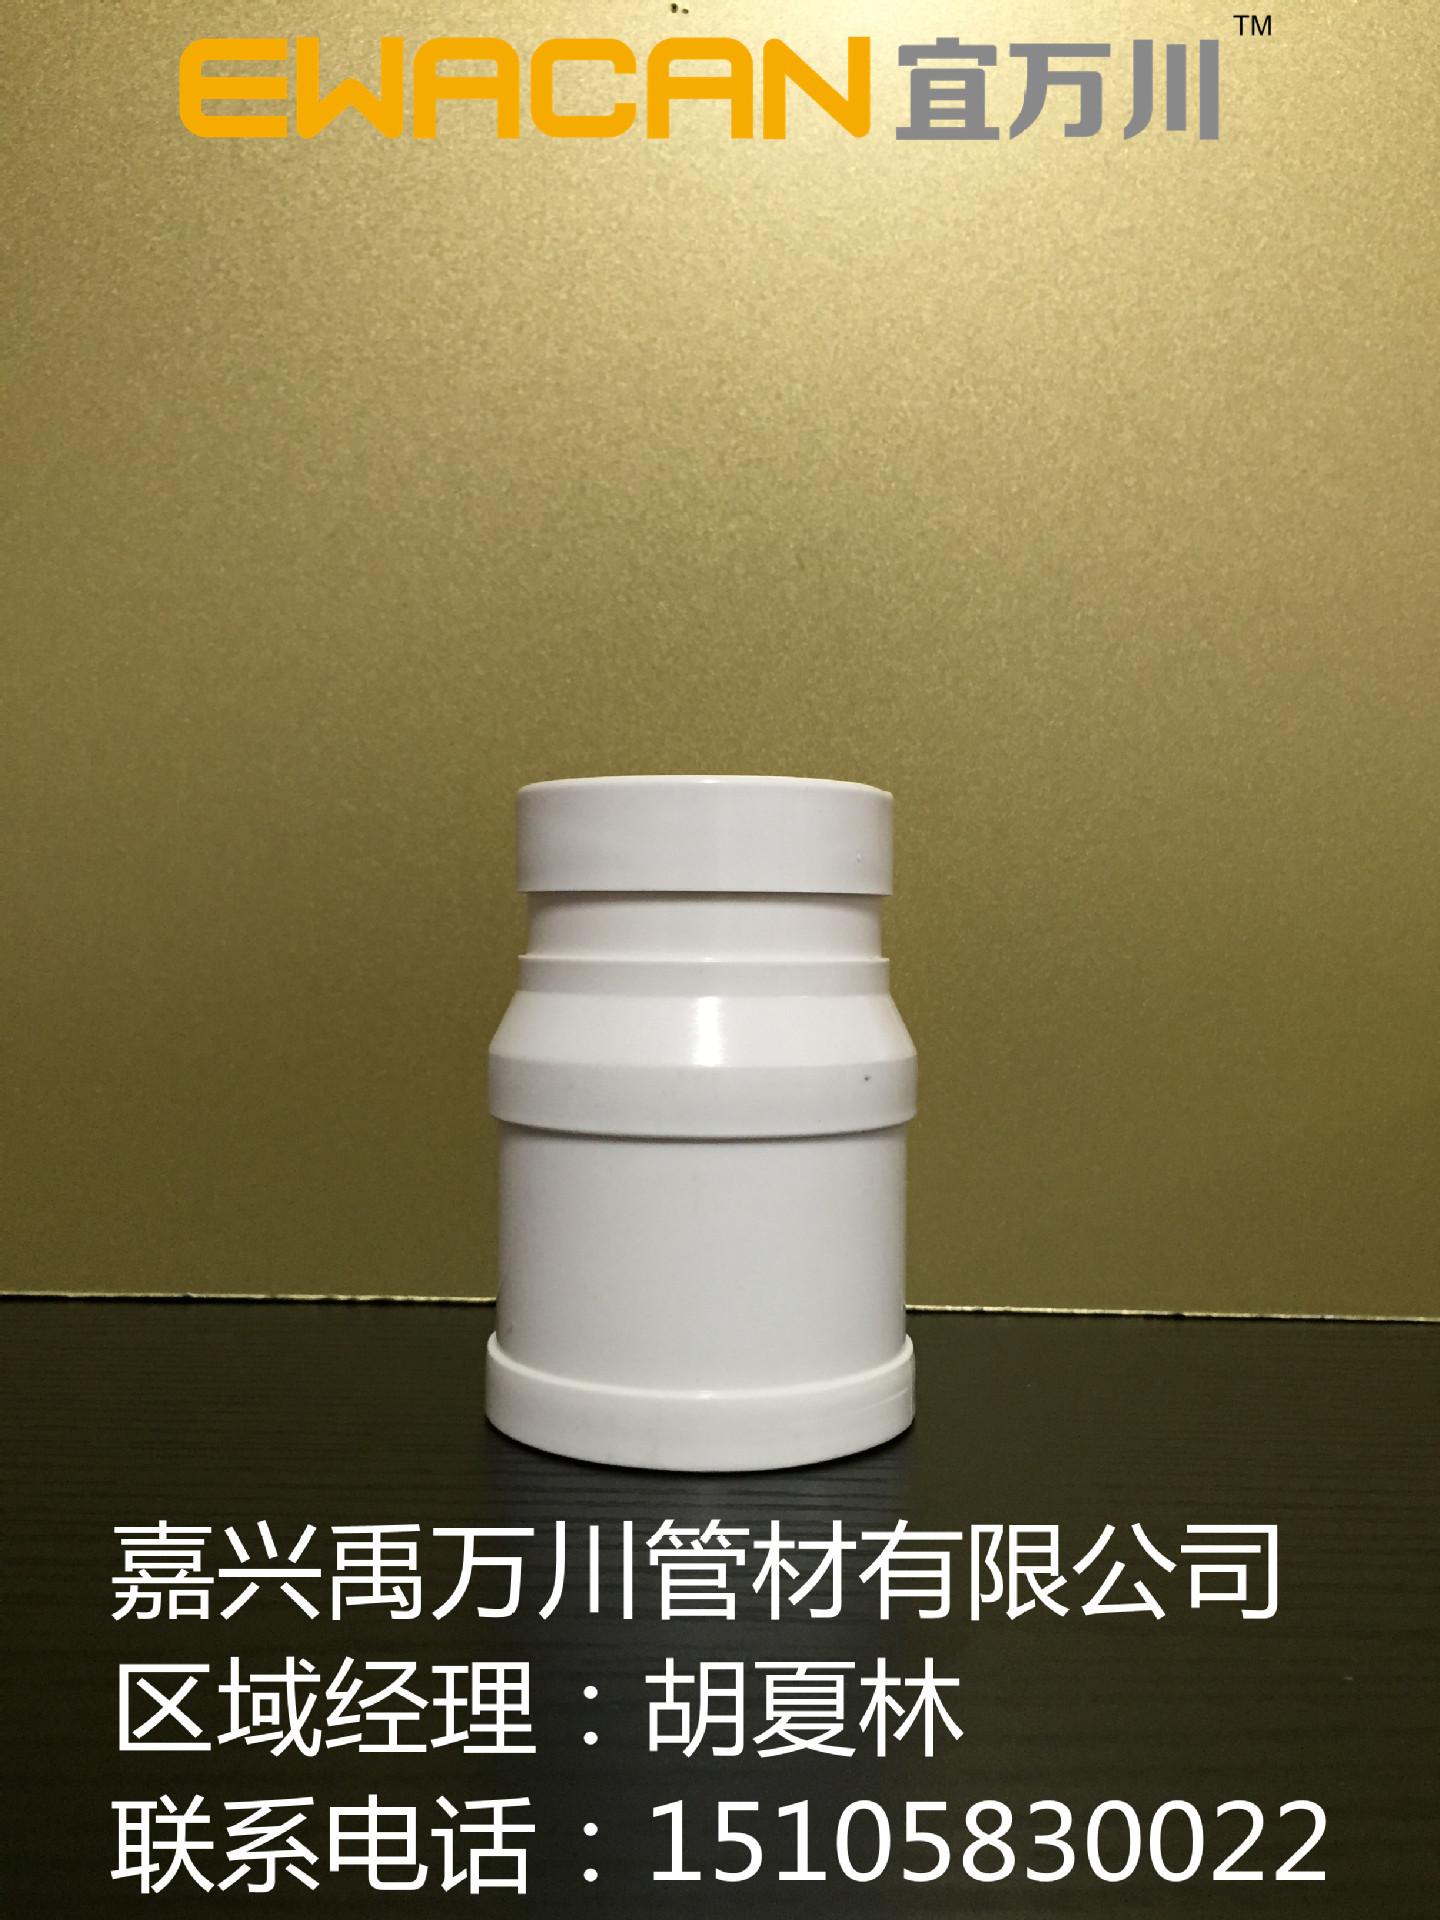 直供沟槽式HDPE超静音排水管,PVC转换接(厂家),HDPE 静音管示例图10